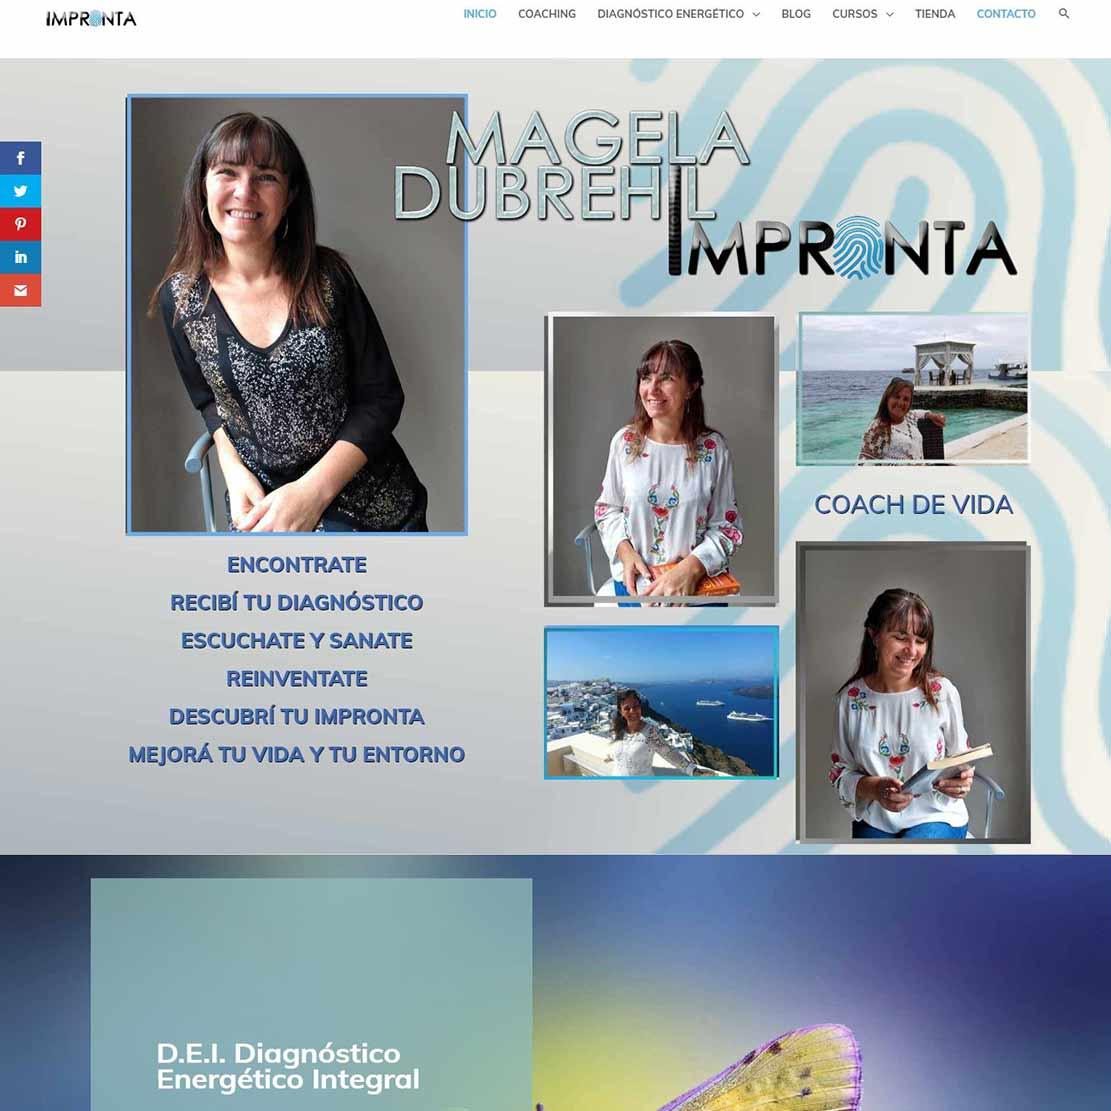 Magela Dubrehil IMPRONTA Coaching de Vida, Fonoaudiología y Terapias Holísticas